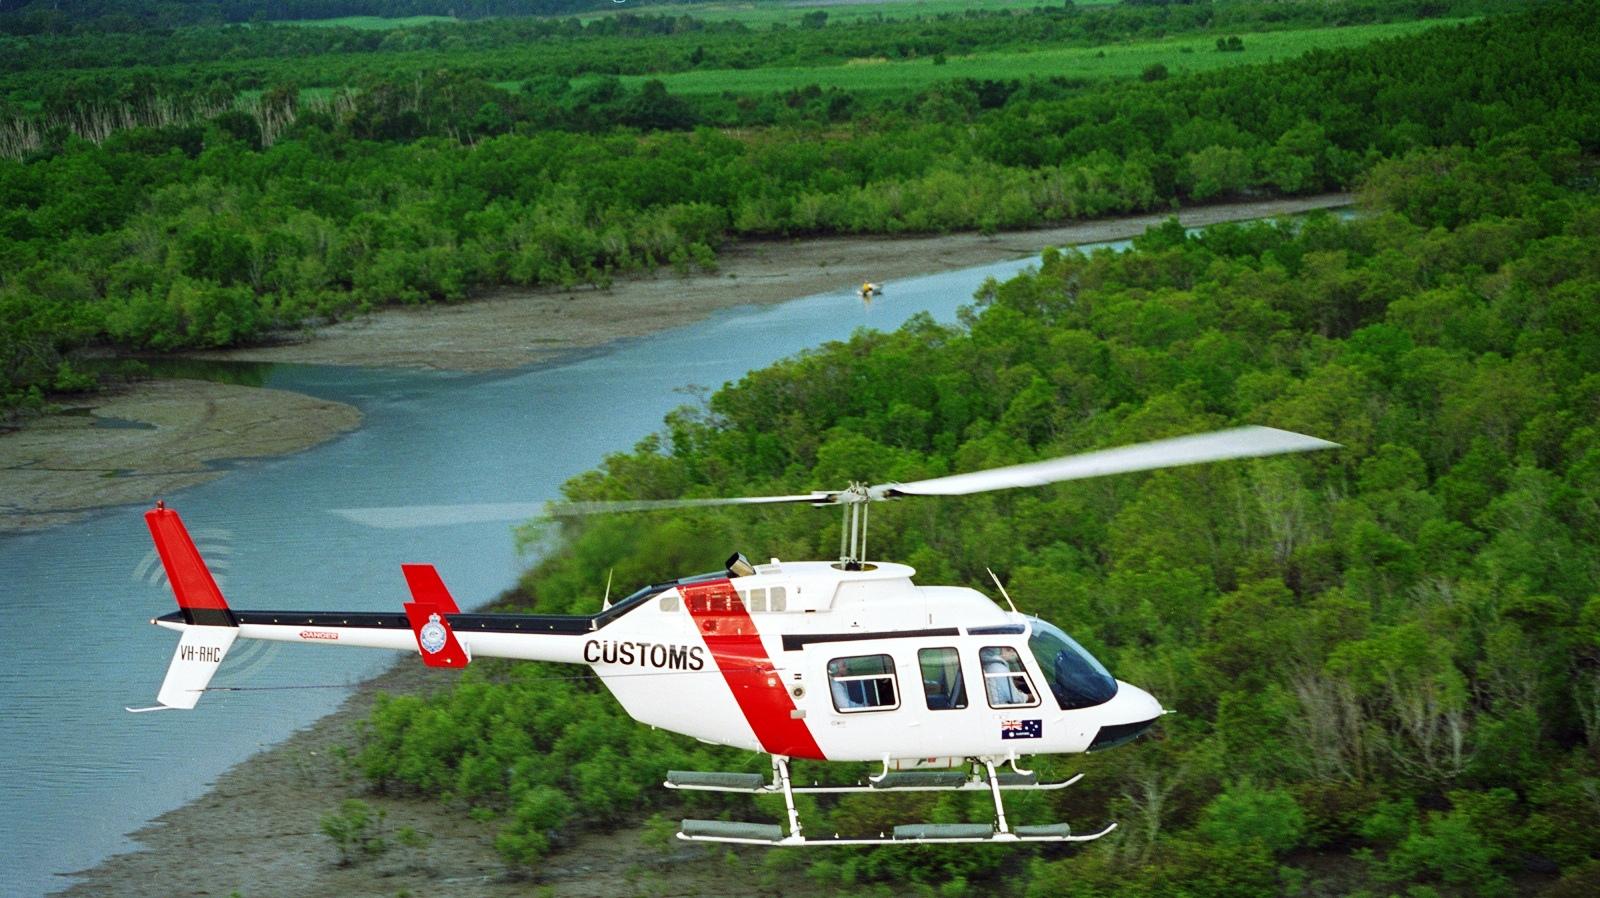 http://2.bp.blogspot.com/-t3vOZL4gF6c/Ti7m94io9zI/AAAAAAAAGDA/h1wAADt9j3Y/s1600/bell_206_long_ranger_fly_forest_13298_aircraft-wallpaper.jpg